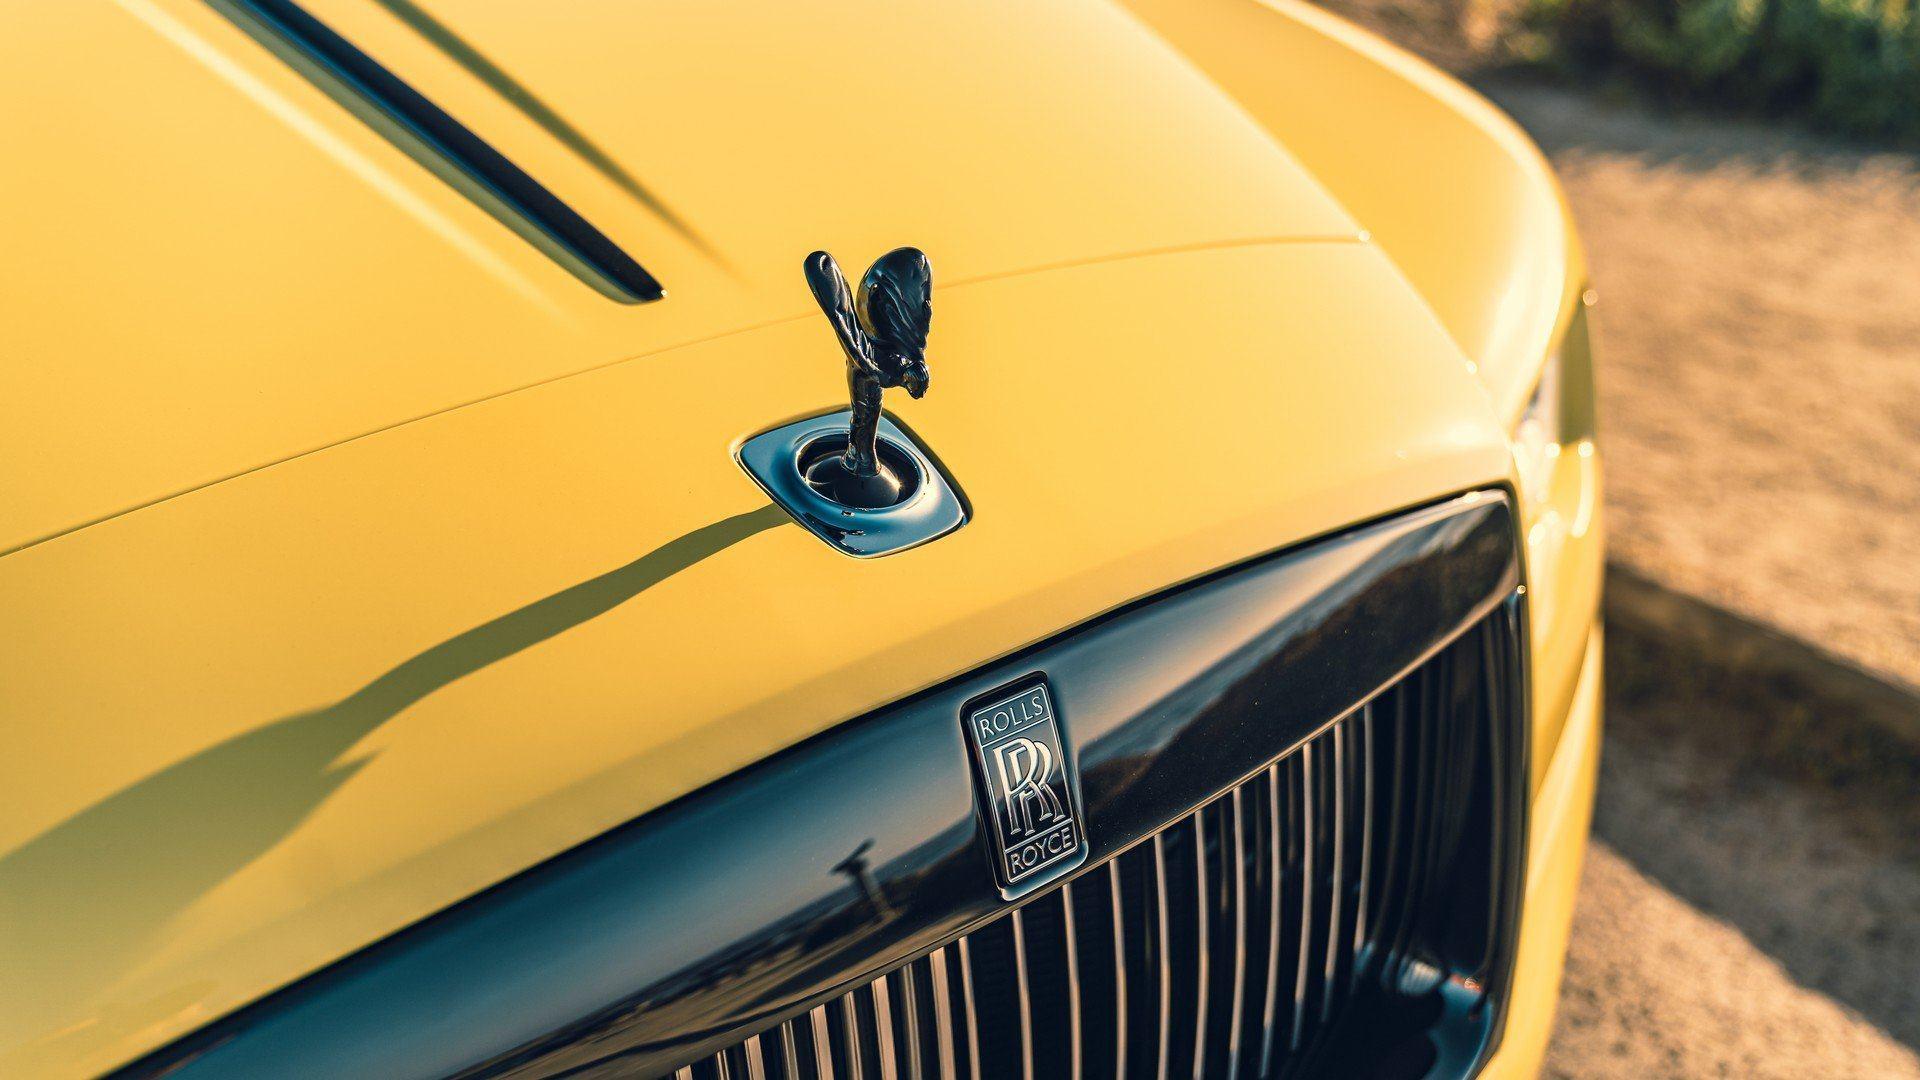 劳斯莱斯(Rolls-Royce)在Monterey Car Week推出一系列Pebble Beach 2